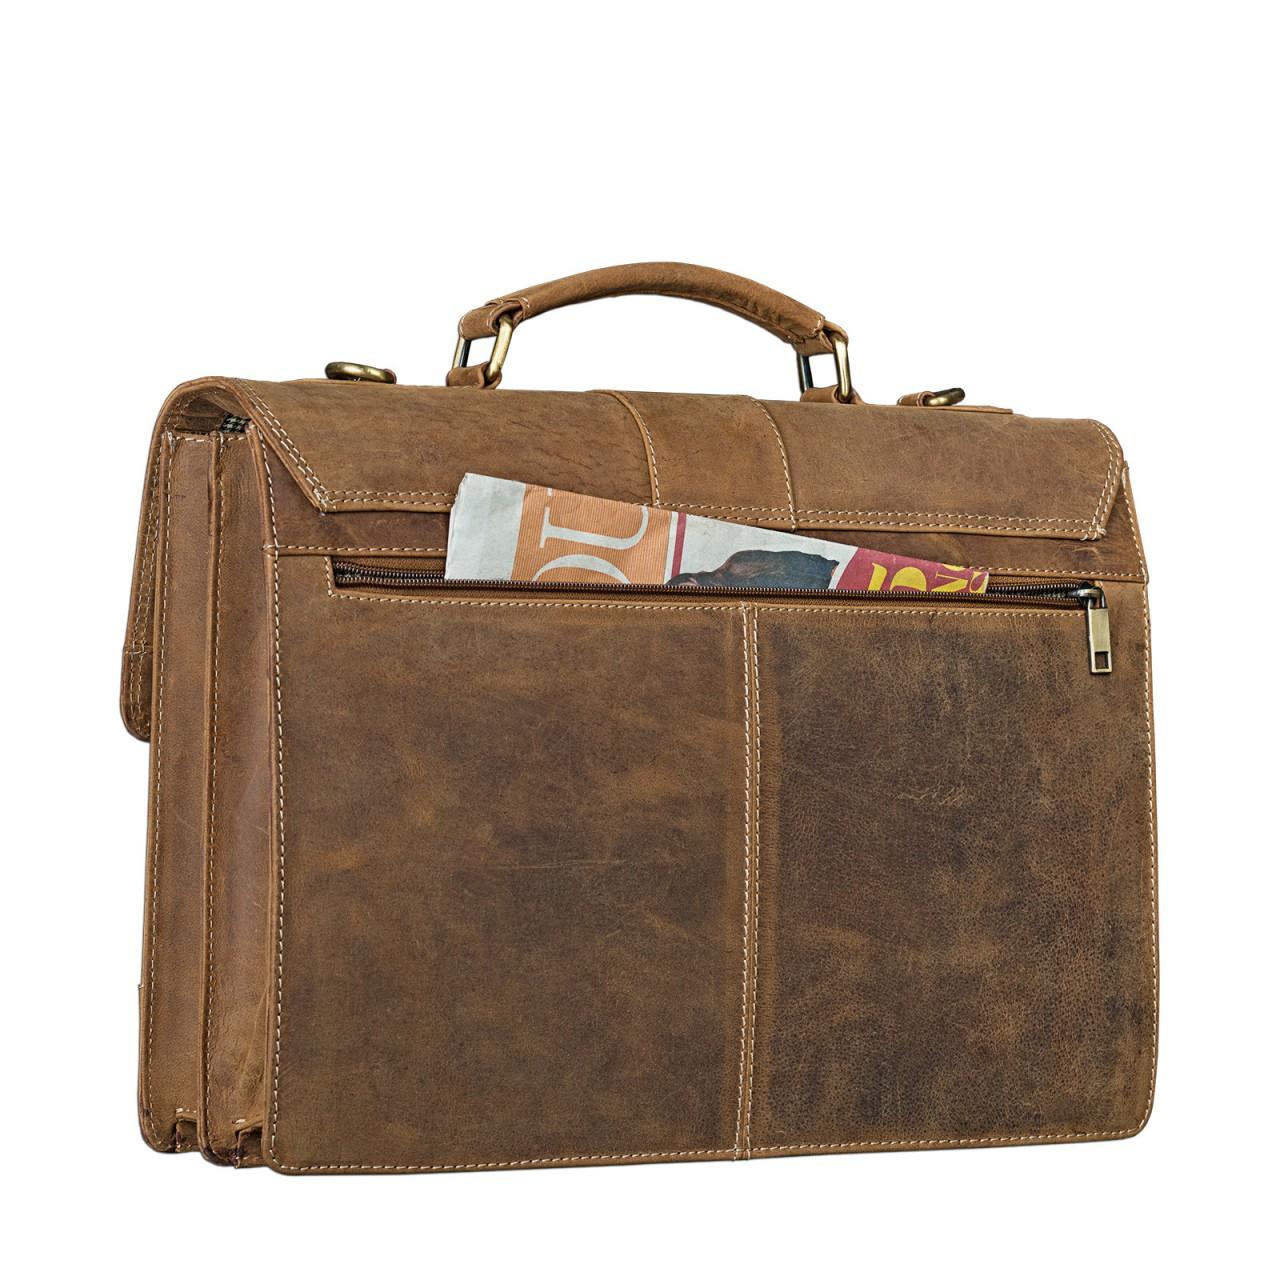 STILORD Bürotasche klassisch elegante Business Umhängetasche Laptoptasche zeitloses Vintage Design und echtes Leder, braun - Bild 4